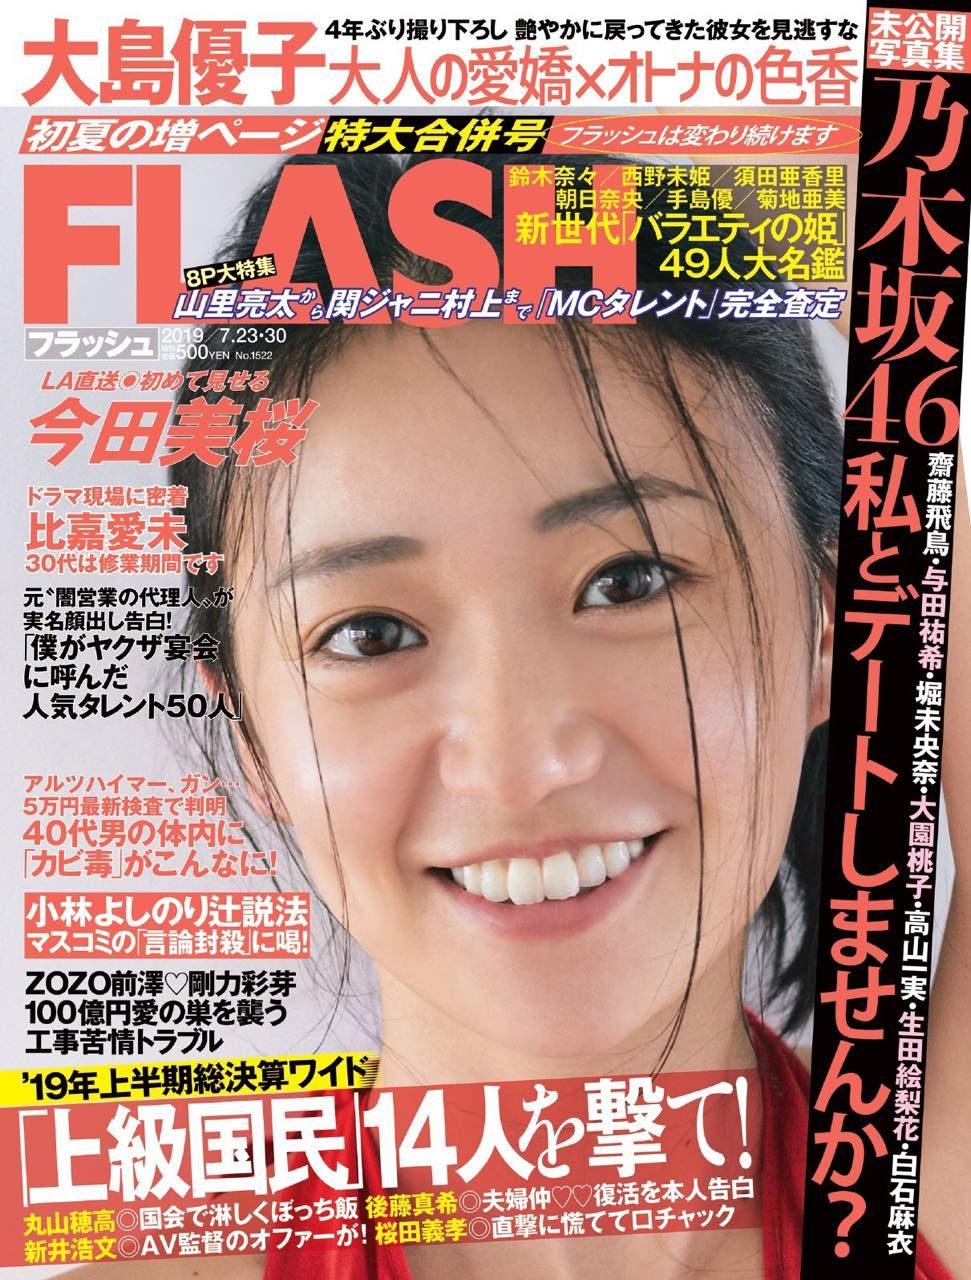 大島優子、表紙&撮り下ろしグラビア掲載! 「FLASH No.1522」7/9発売!